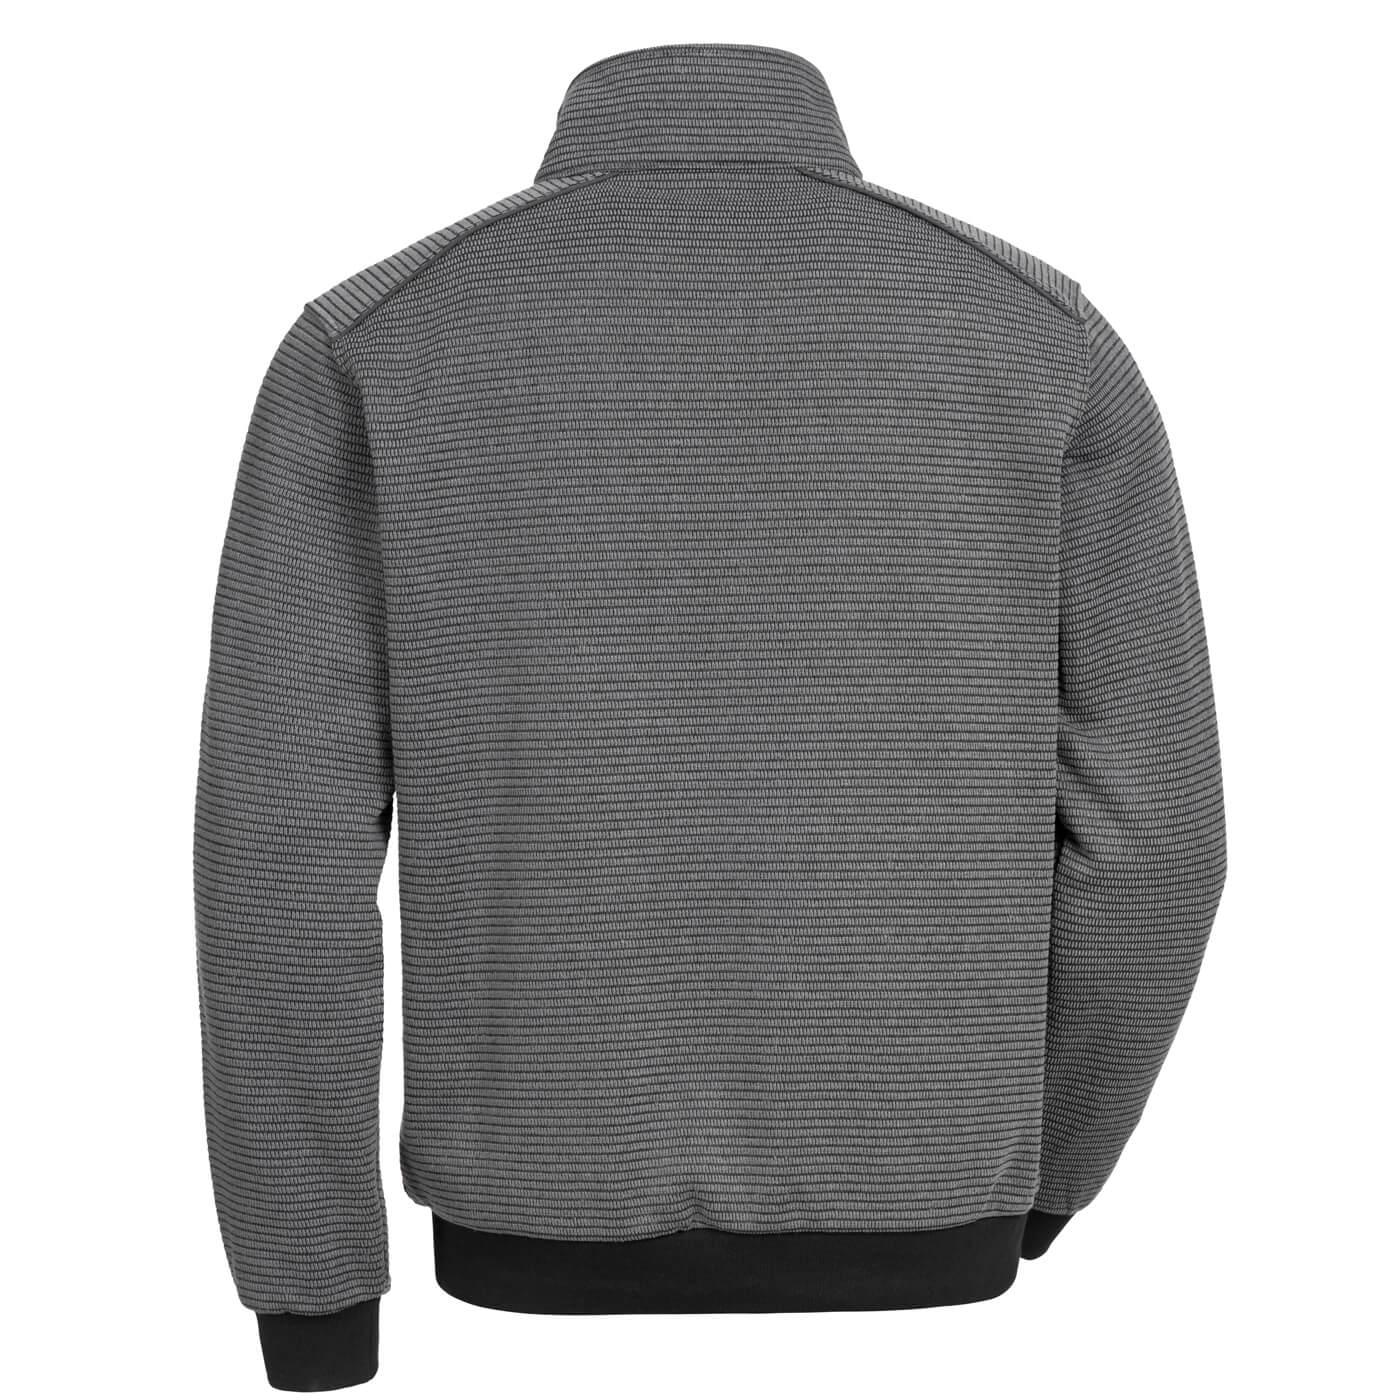 Bluza robocza Nitras 7037